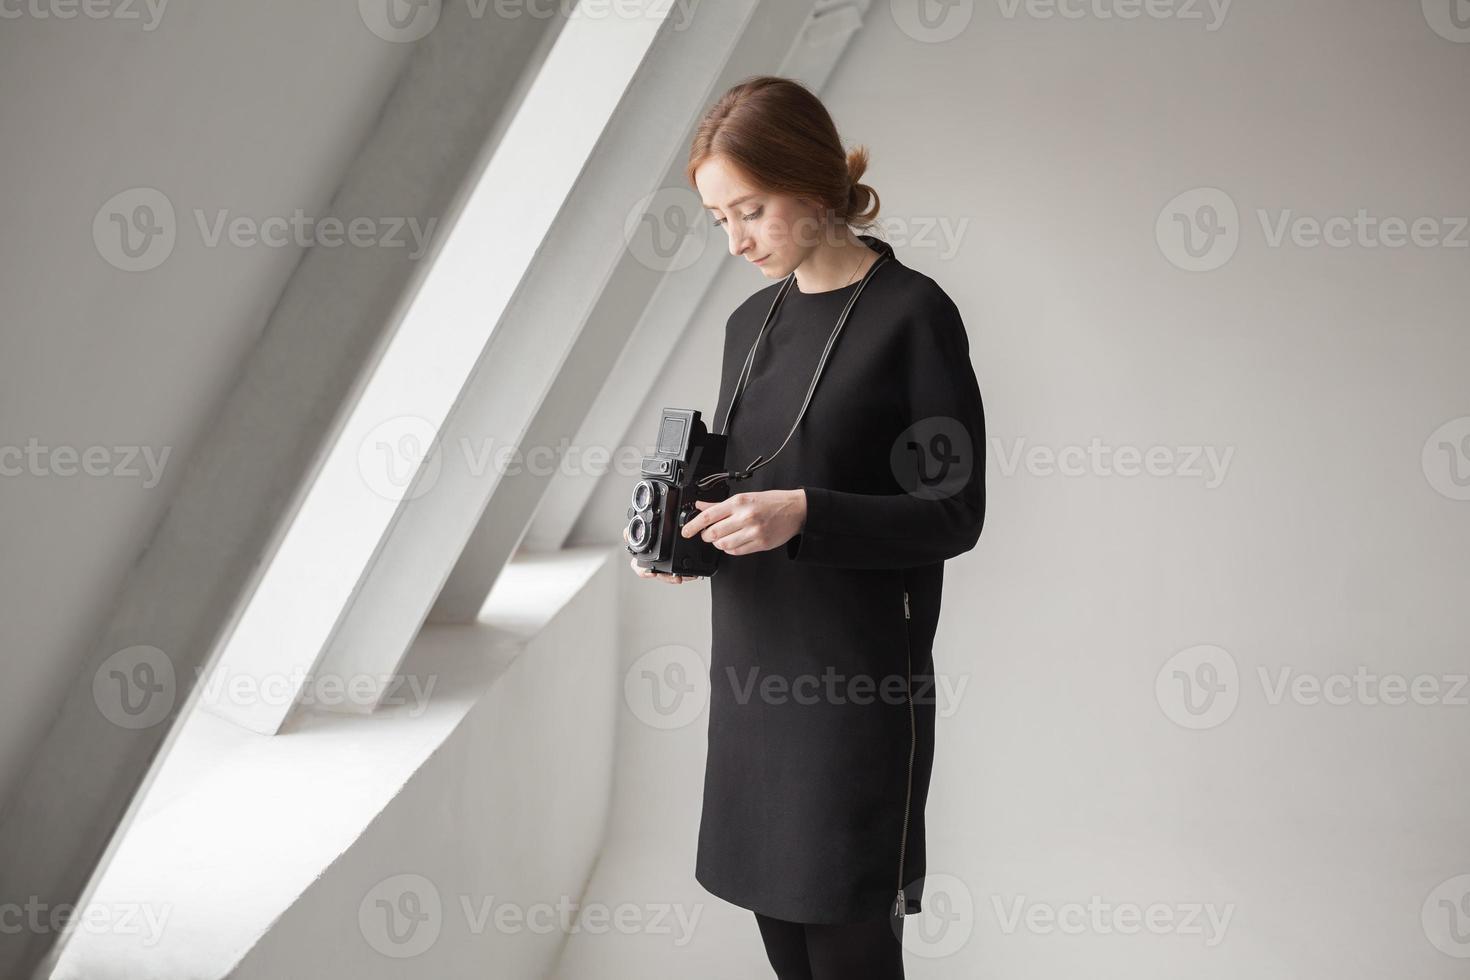 chica con camara foto